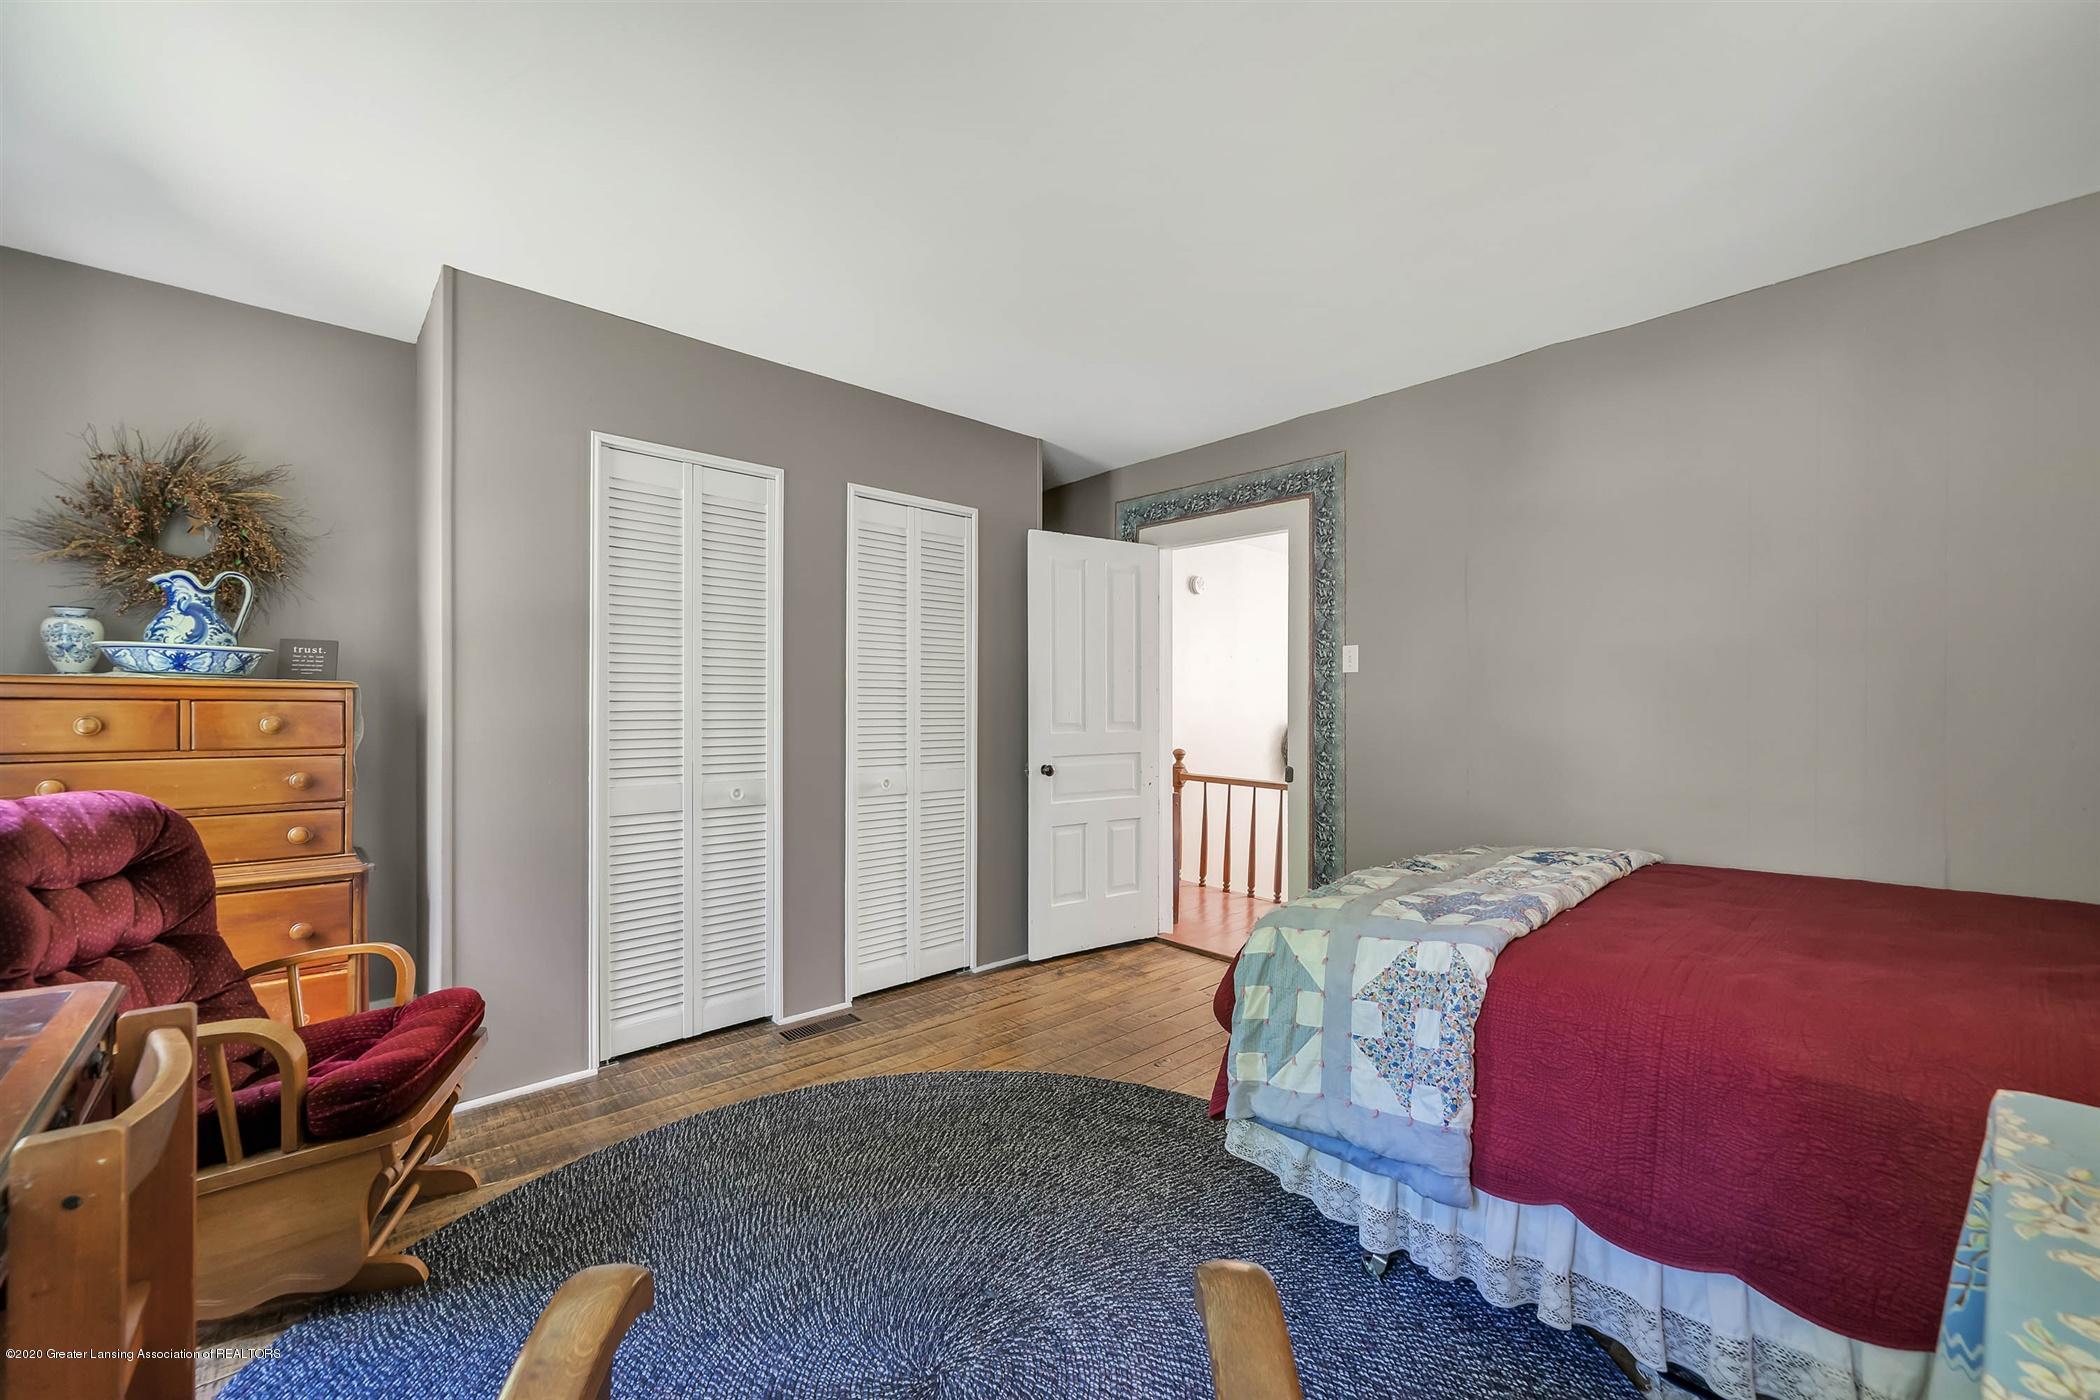 518 S Smith Rd - (16) SECOND FLOOR Bedroom 2 - 17